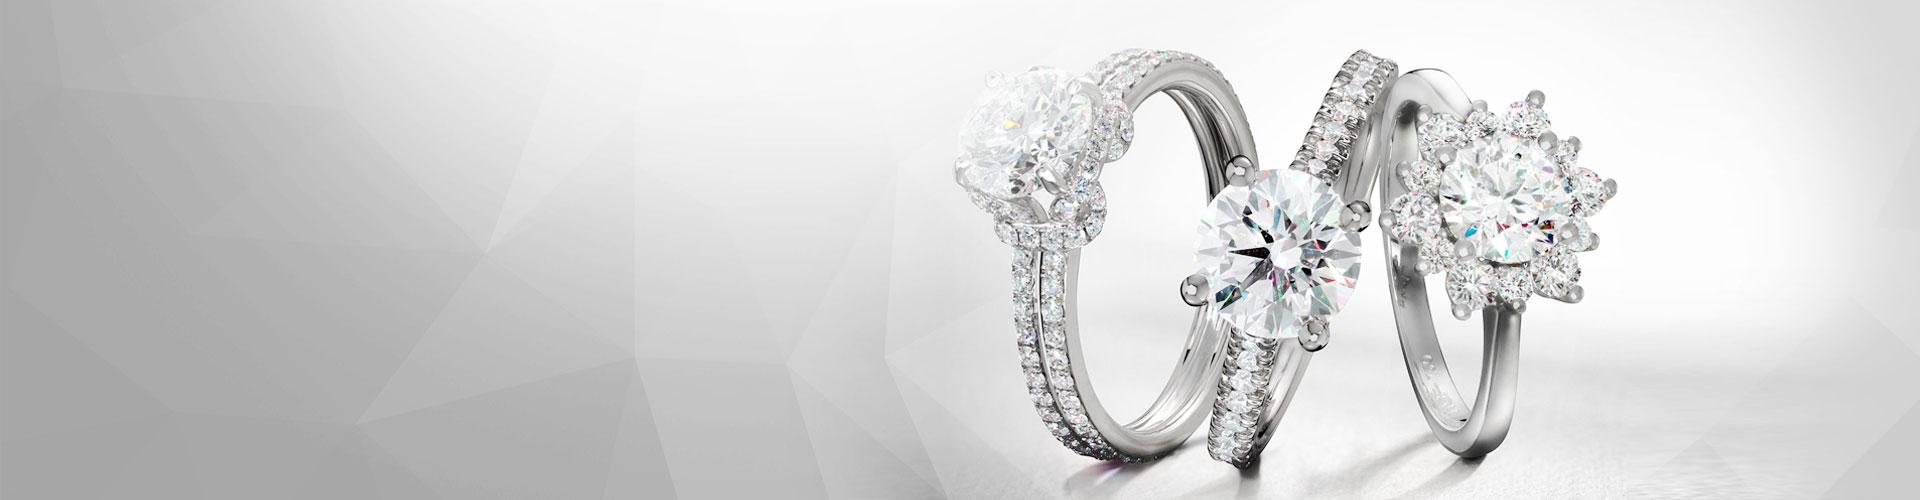 <h1>Biżuteria - obrączki, pierścionki zaręczynowe</h1>